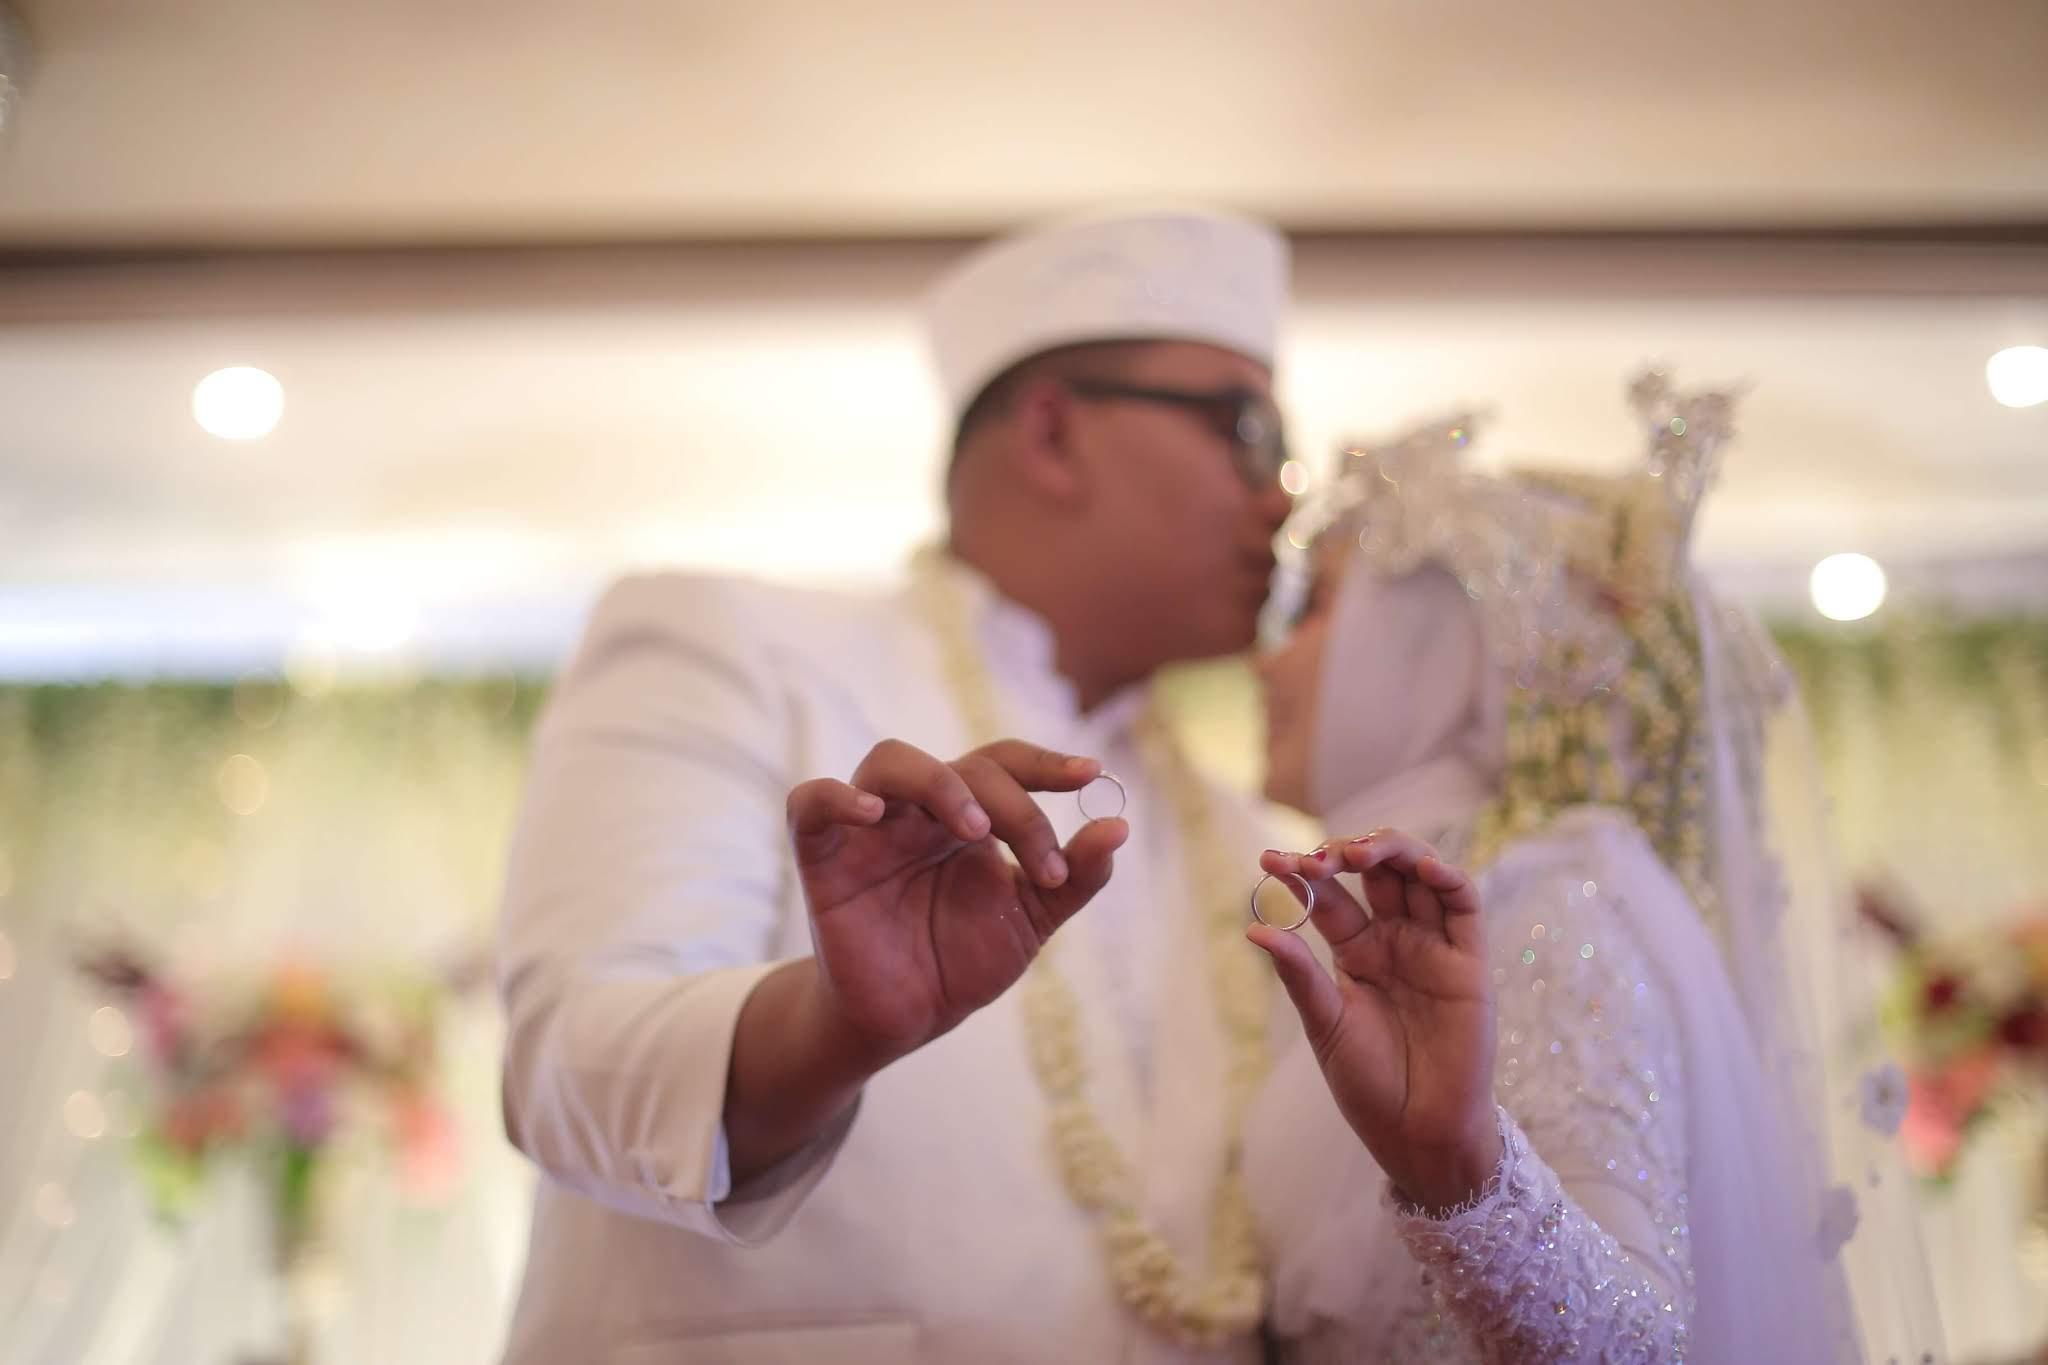 pernikahan, menikah mudah, persiapan menikah dalam 5 bulan, menikah tanpa ribet, Grand Galaxy Convention Hall, Bekasi Wedding Exhibition, menikah di gedung, tips menikah murah di gedung